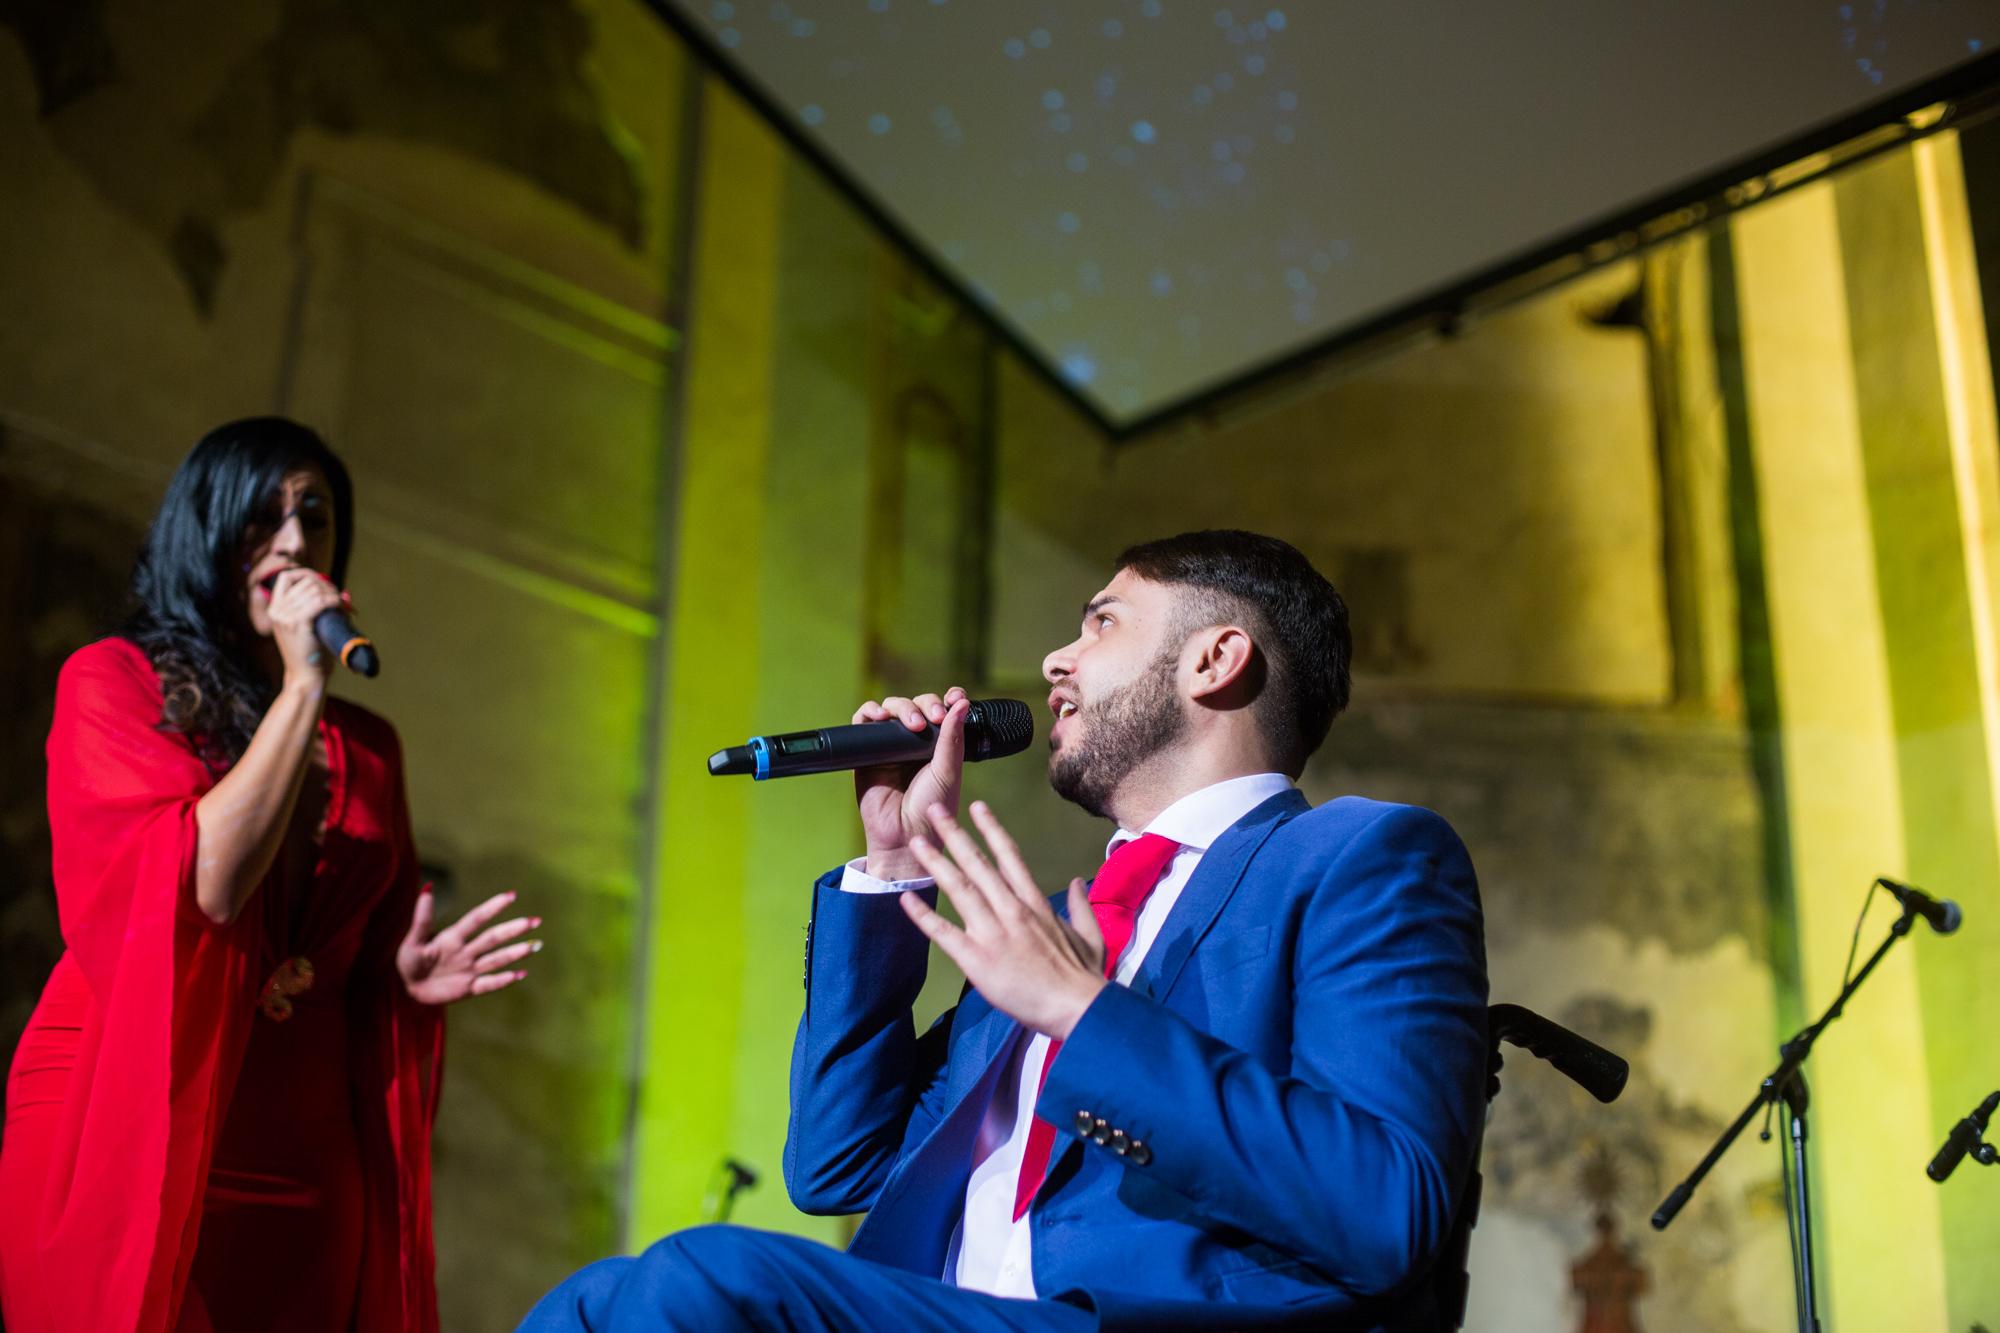 Ricco a Claudia zazpívali slavnou píseň Je suis malade.